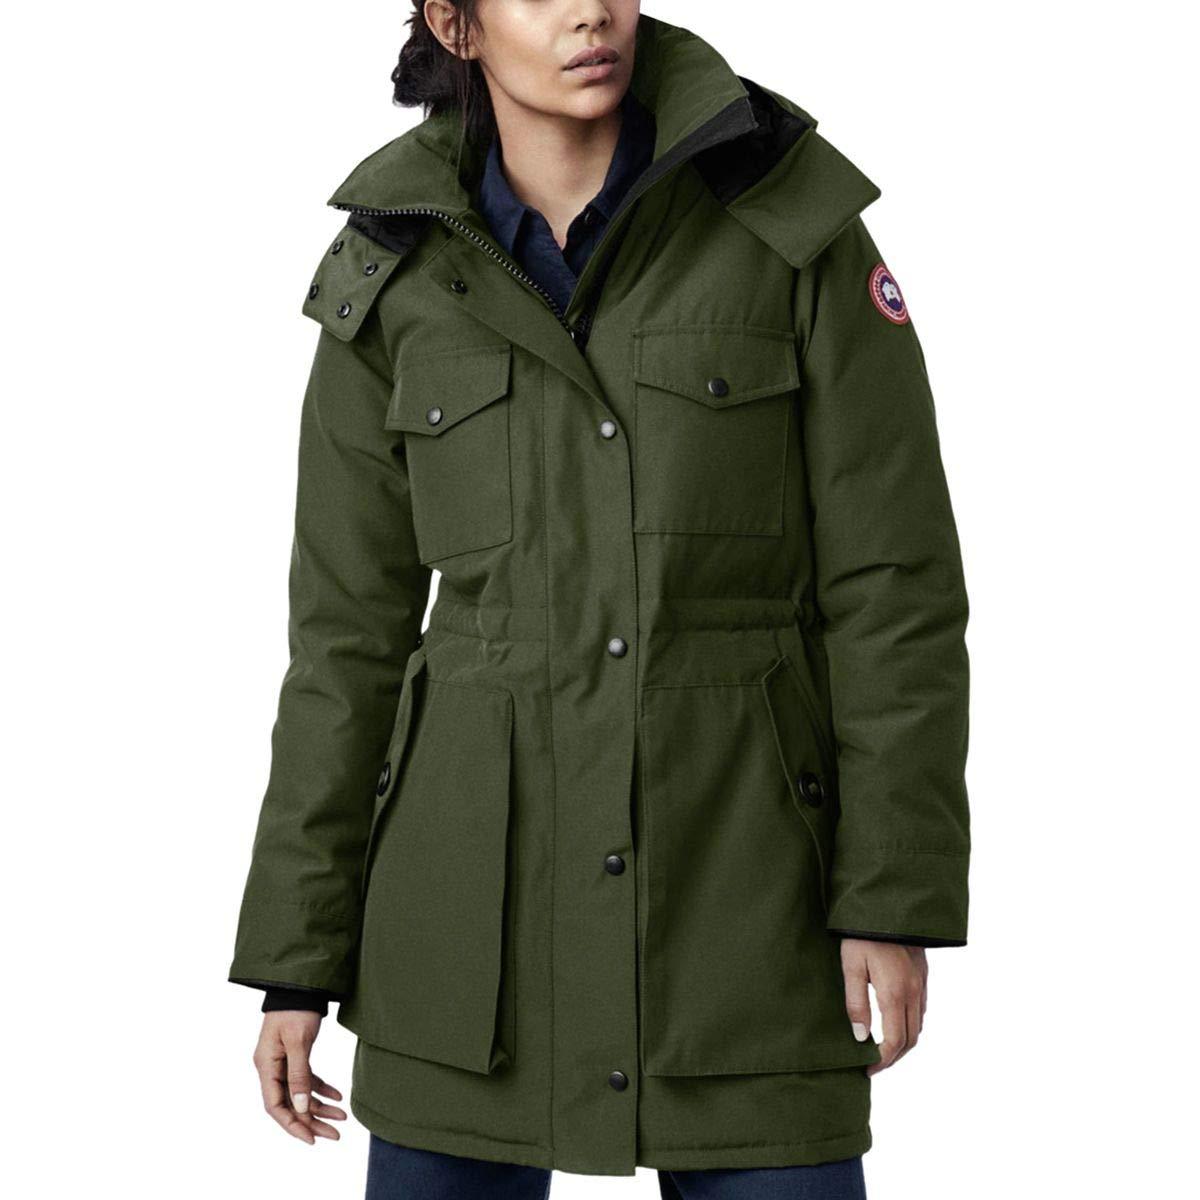 【即発送可能】 (カナダグース)Canada [並行輸入品] Goose Gabriola Parka M) レディース ジャケットMilitary Green (US [並行輸入品] B07K4481YZ 日本サイズ L相当 (US M)|Military Green Military Green 日本サイズ L相当 (US M), 壮健の里柊亭:16bf2a3b --- realcalcados.com.br